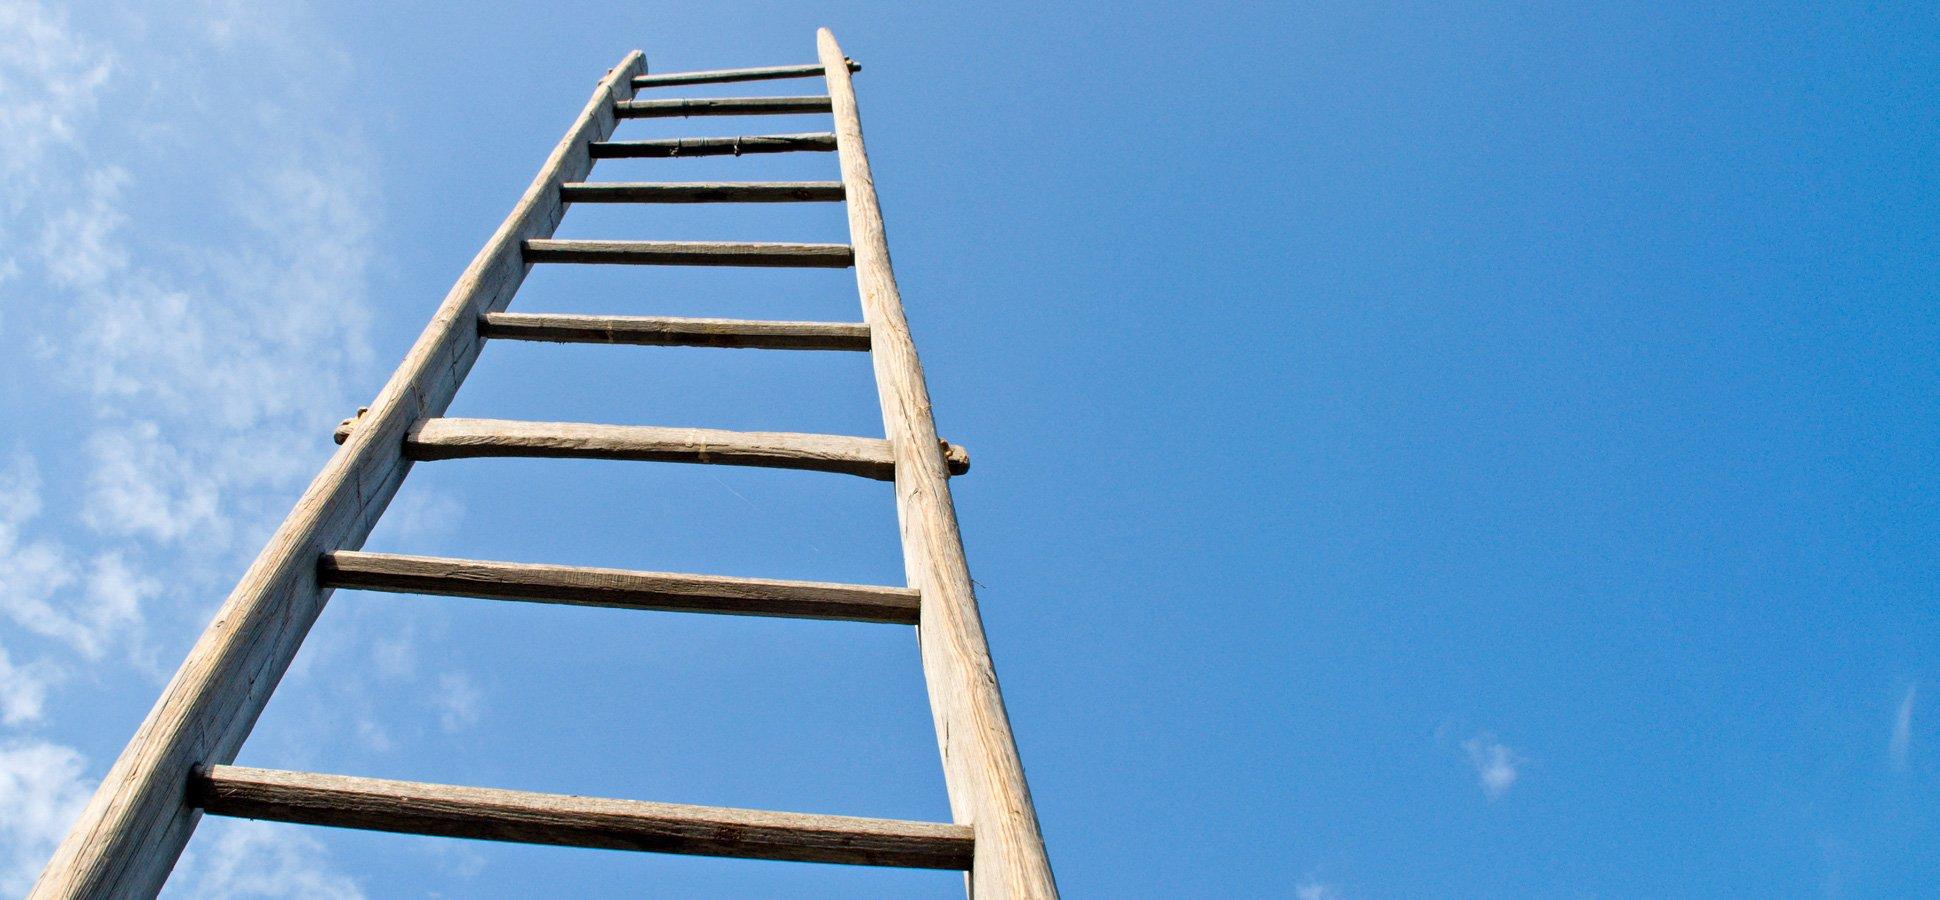 climbing-ladder.jpg